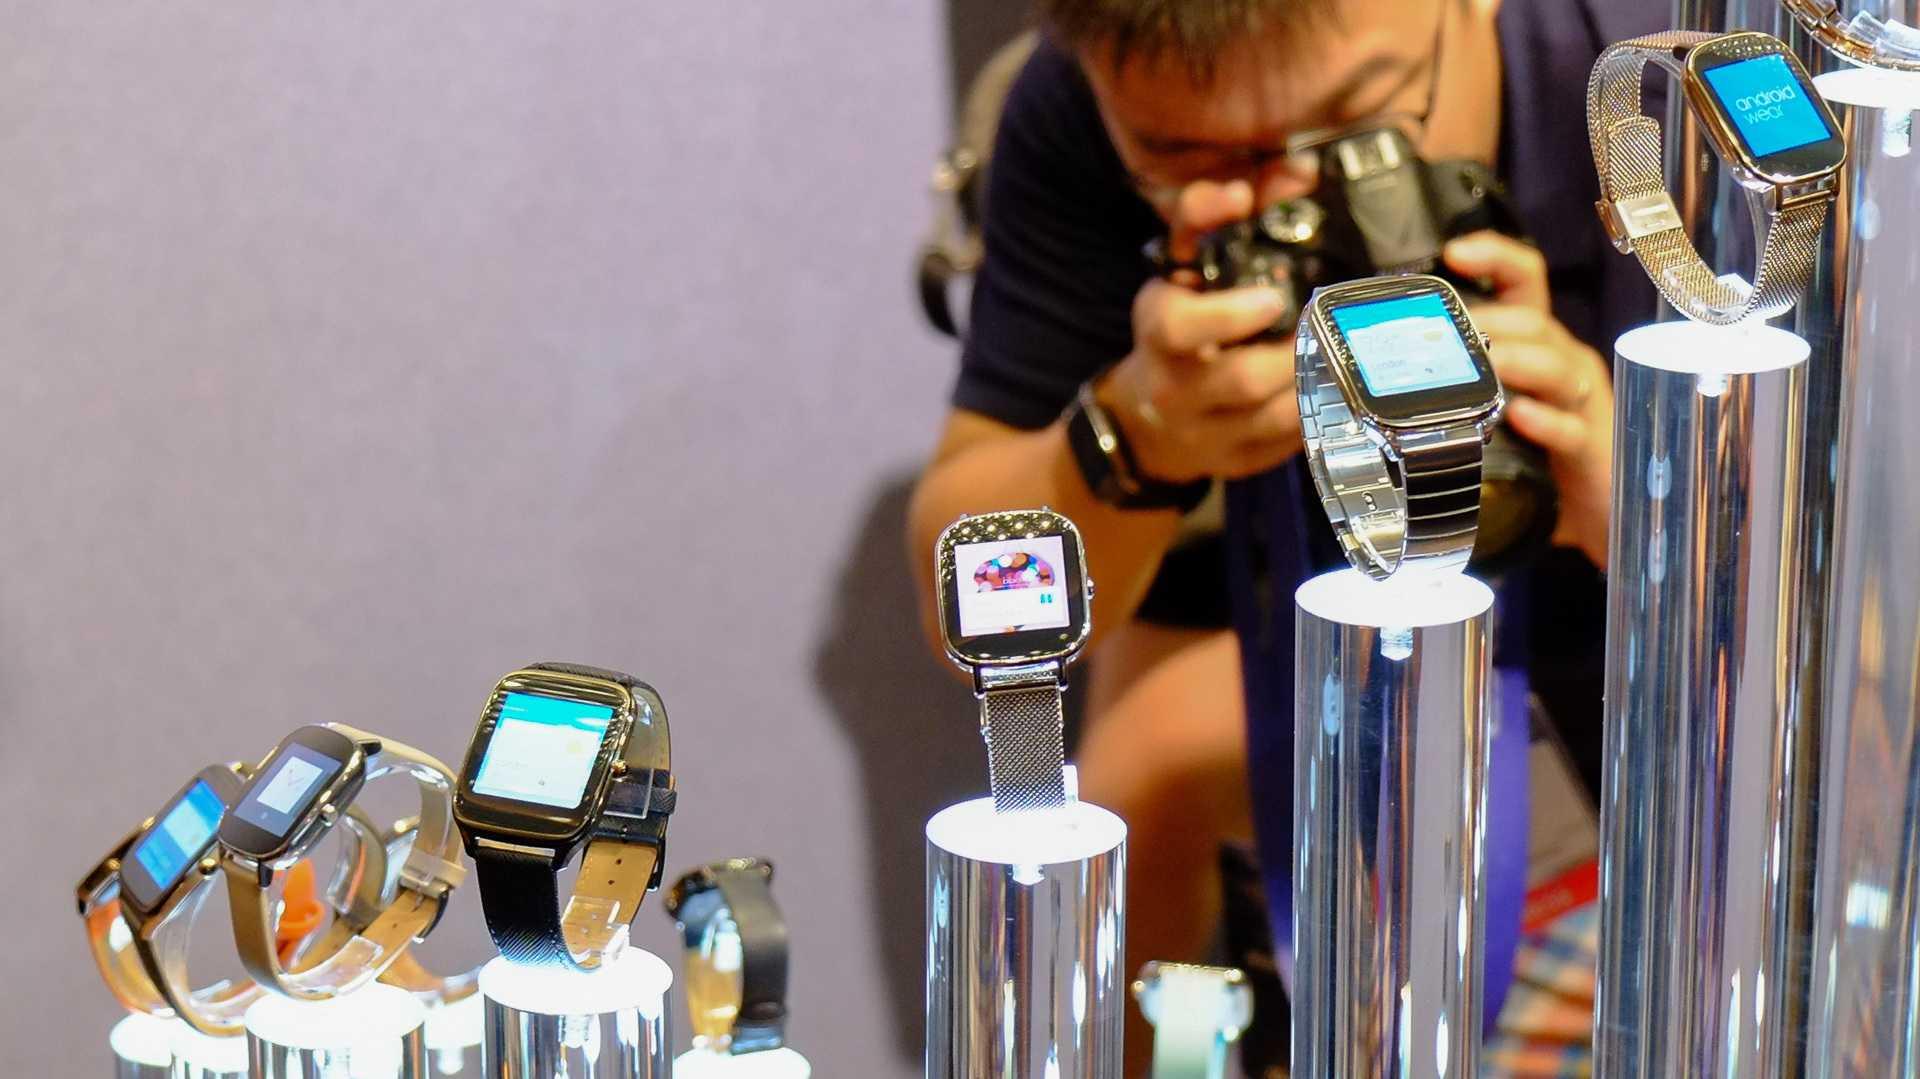 Asus ZenWatch 2: Smartwatch in zwei Größen mit Druckknopf